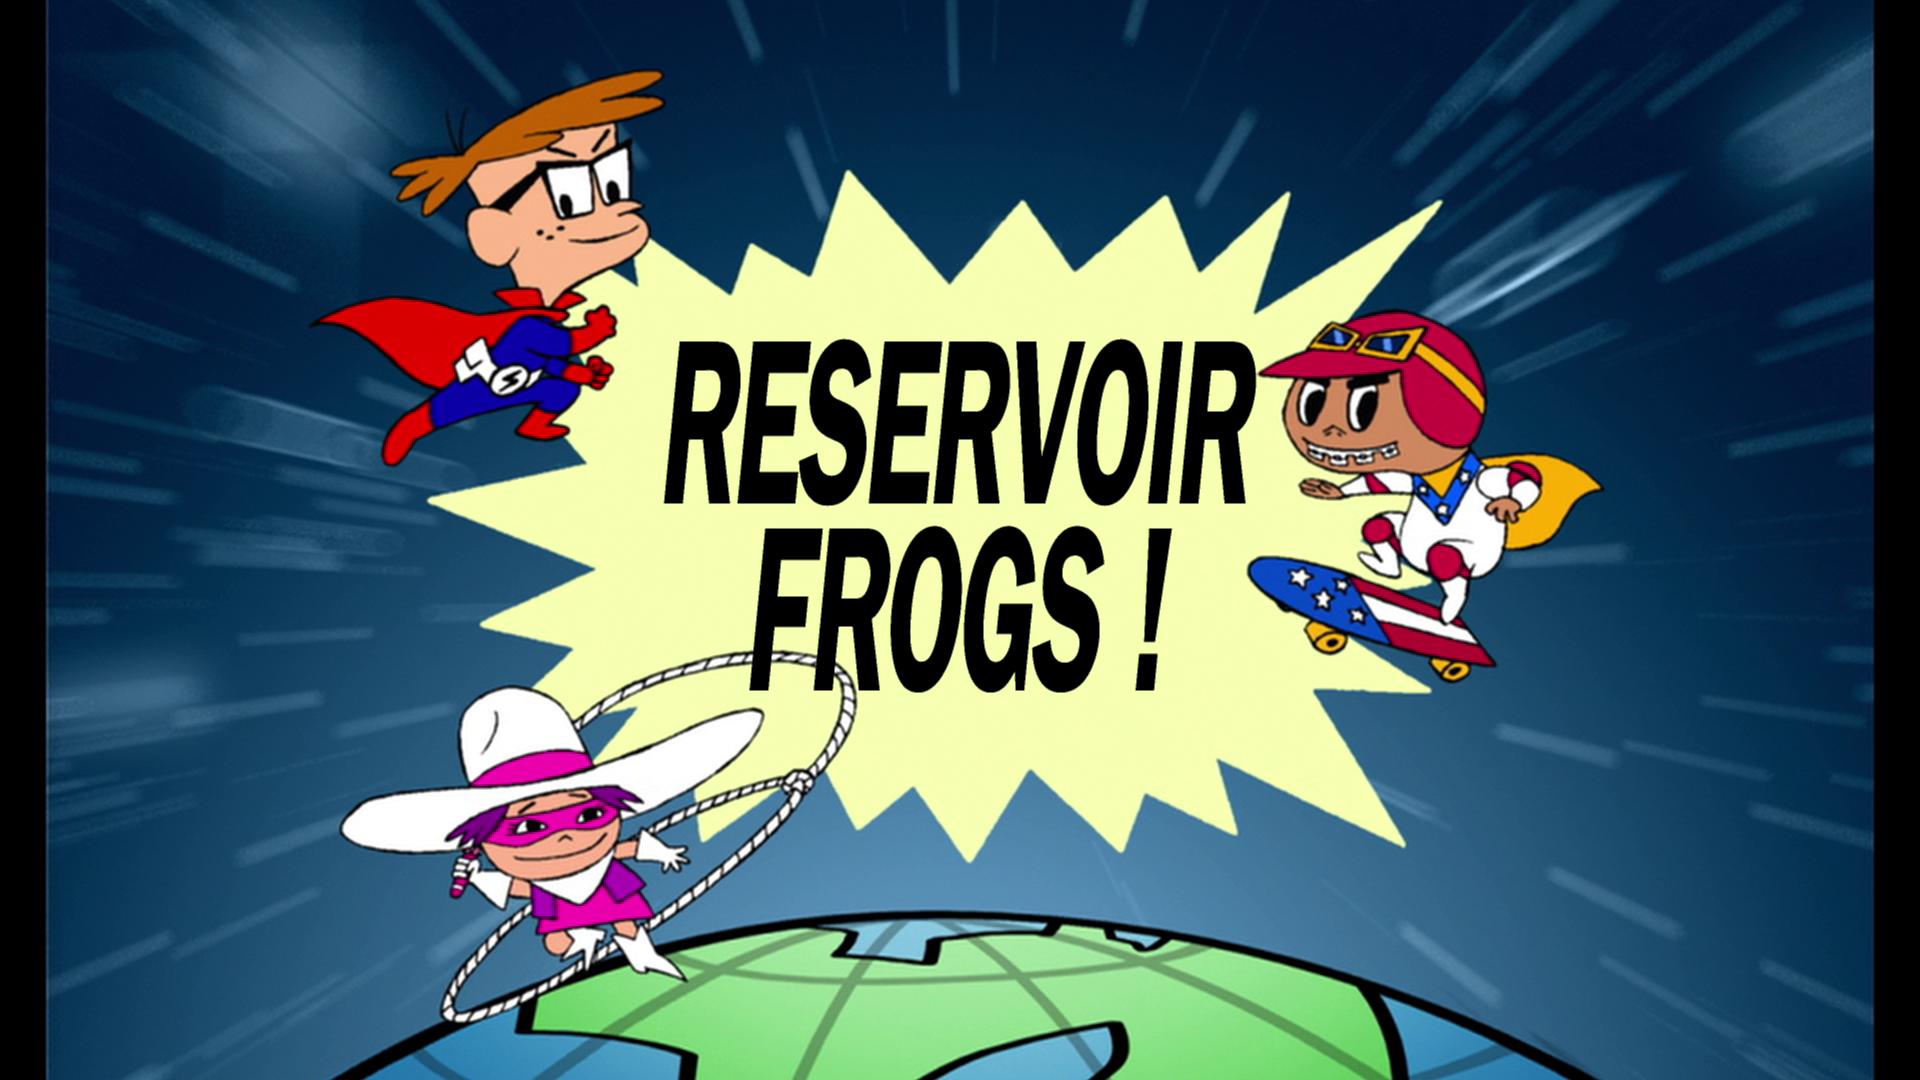 Reservoir Frogs!